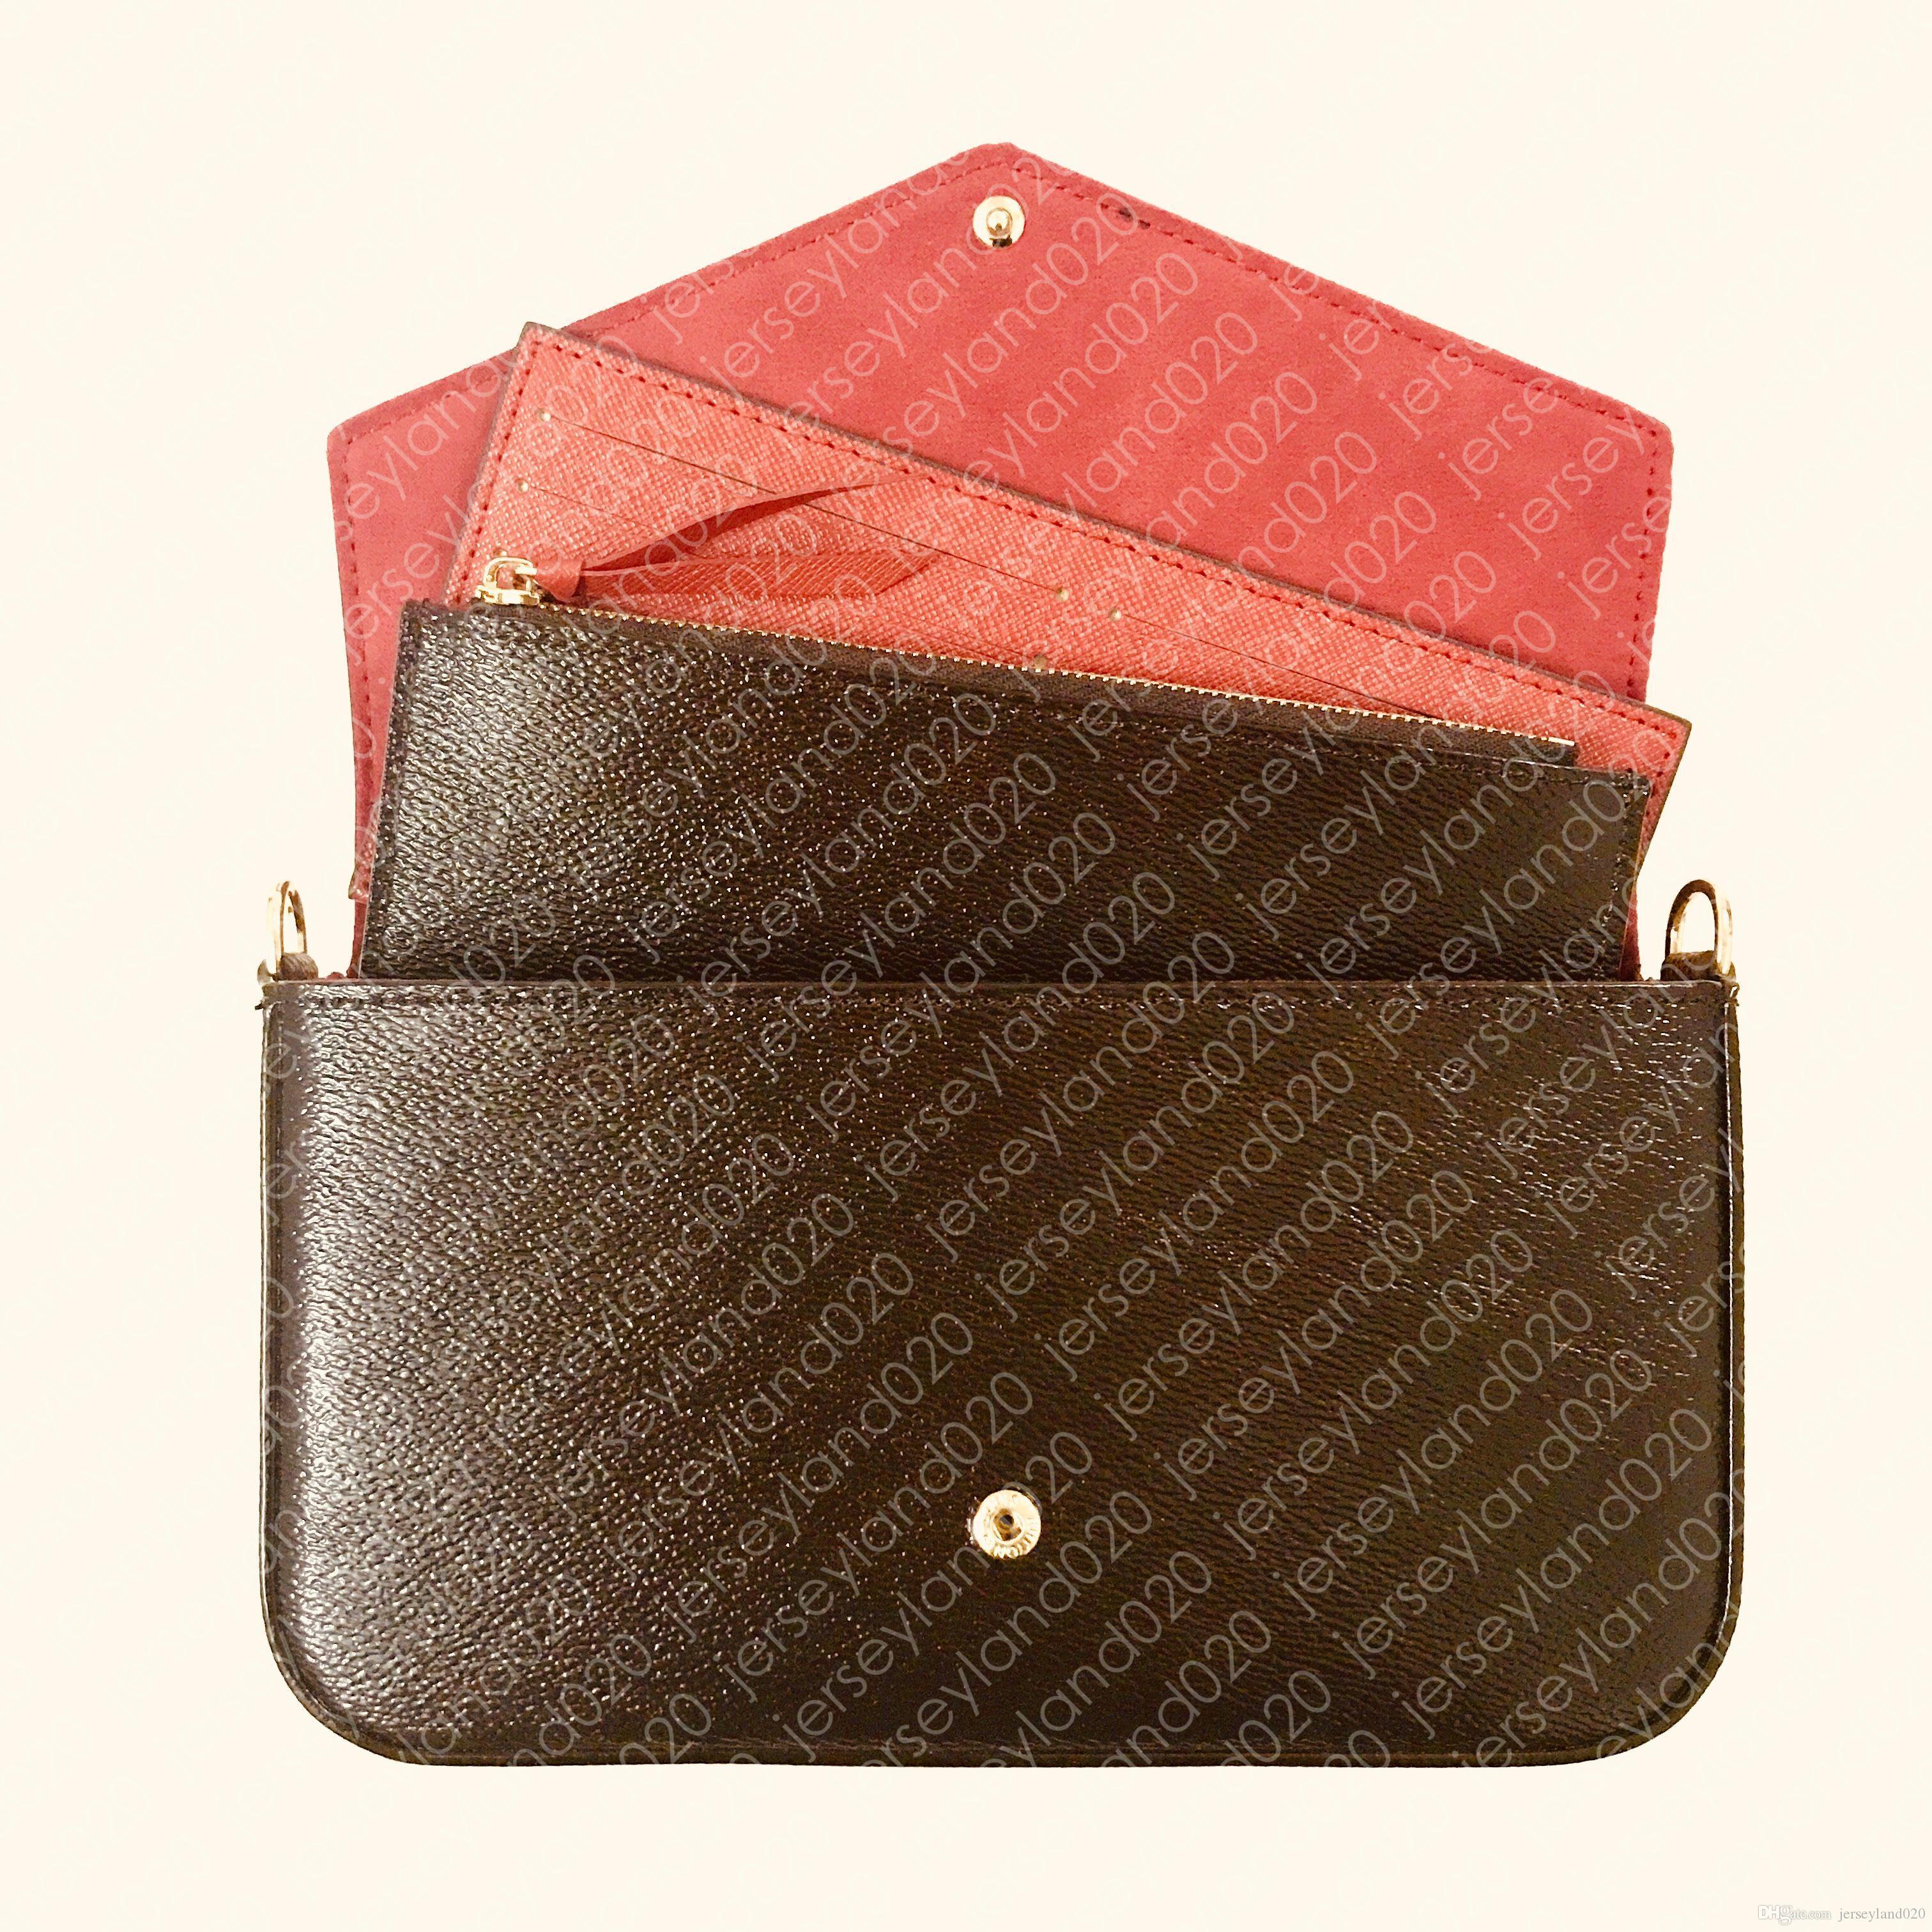 M61276 pochette felicie إمرأة مصمم الأزياء سلسلة محفظة حقيبة يد مساء مخلب الكتف حمل حقيبة محفظة مفتاح الحقيبة pochette الملحقات